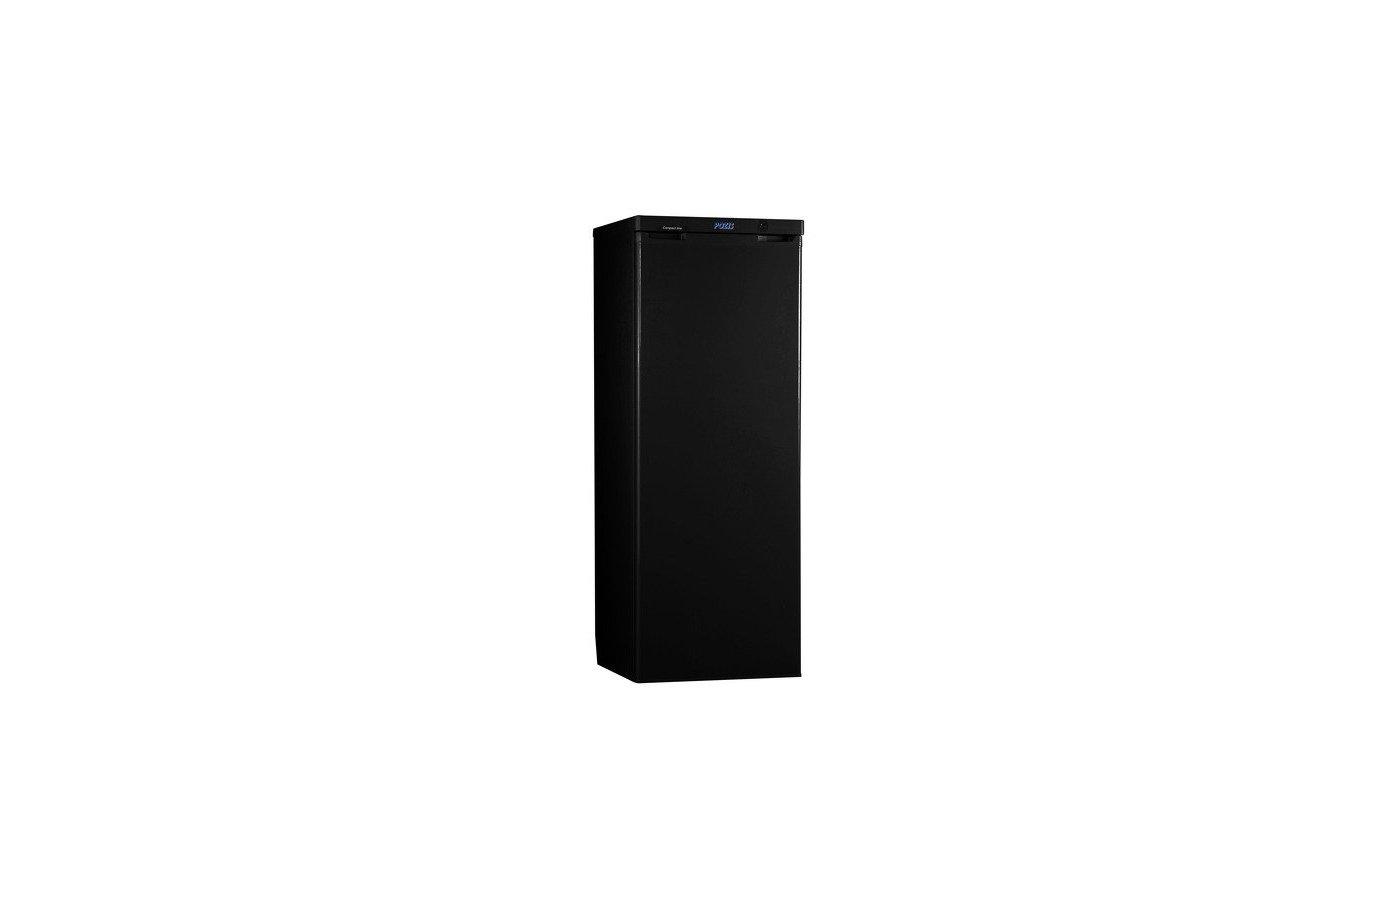 Холодильник POZIS RS-416 Black